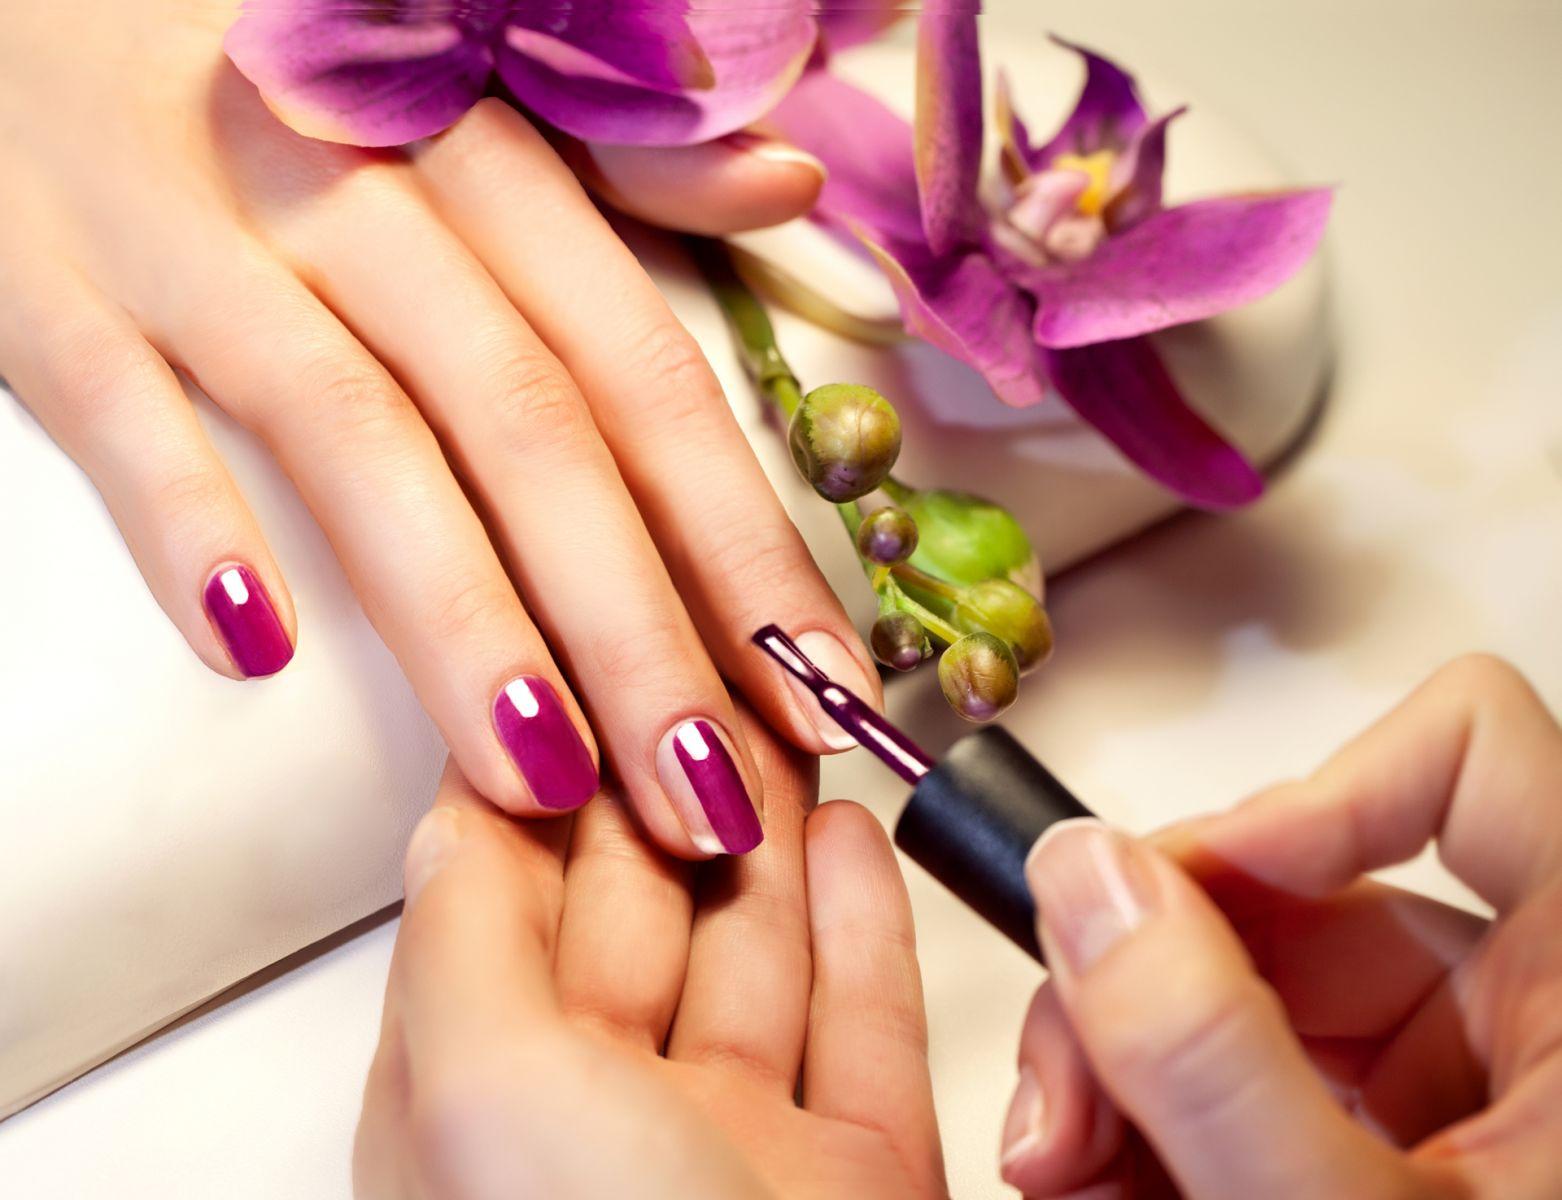 001-Manicure